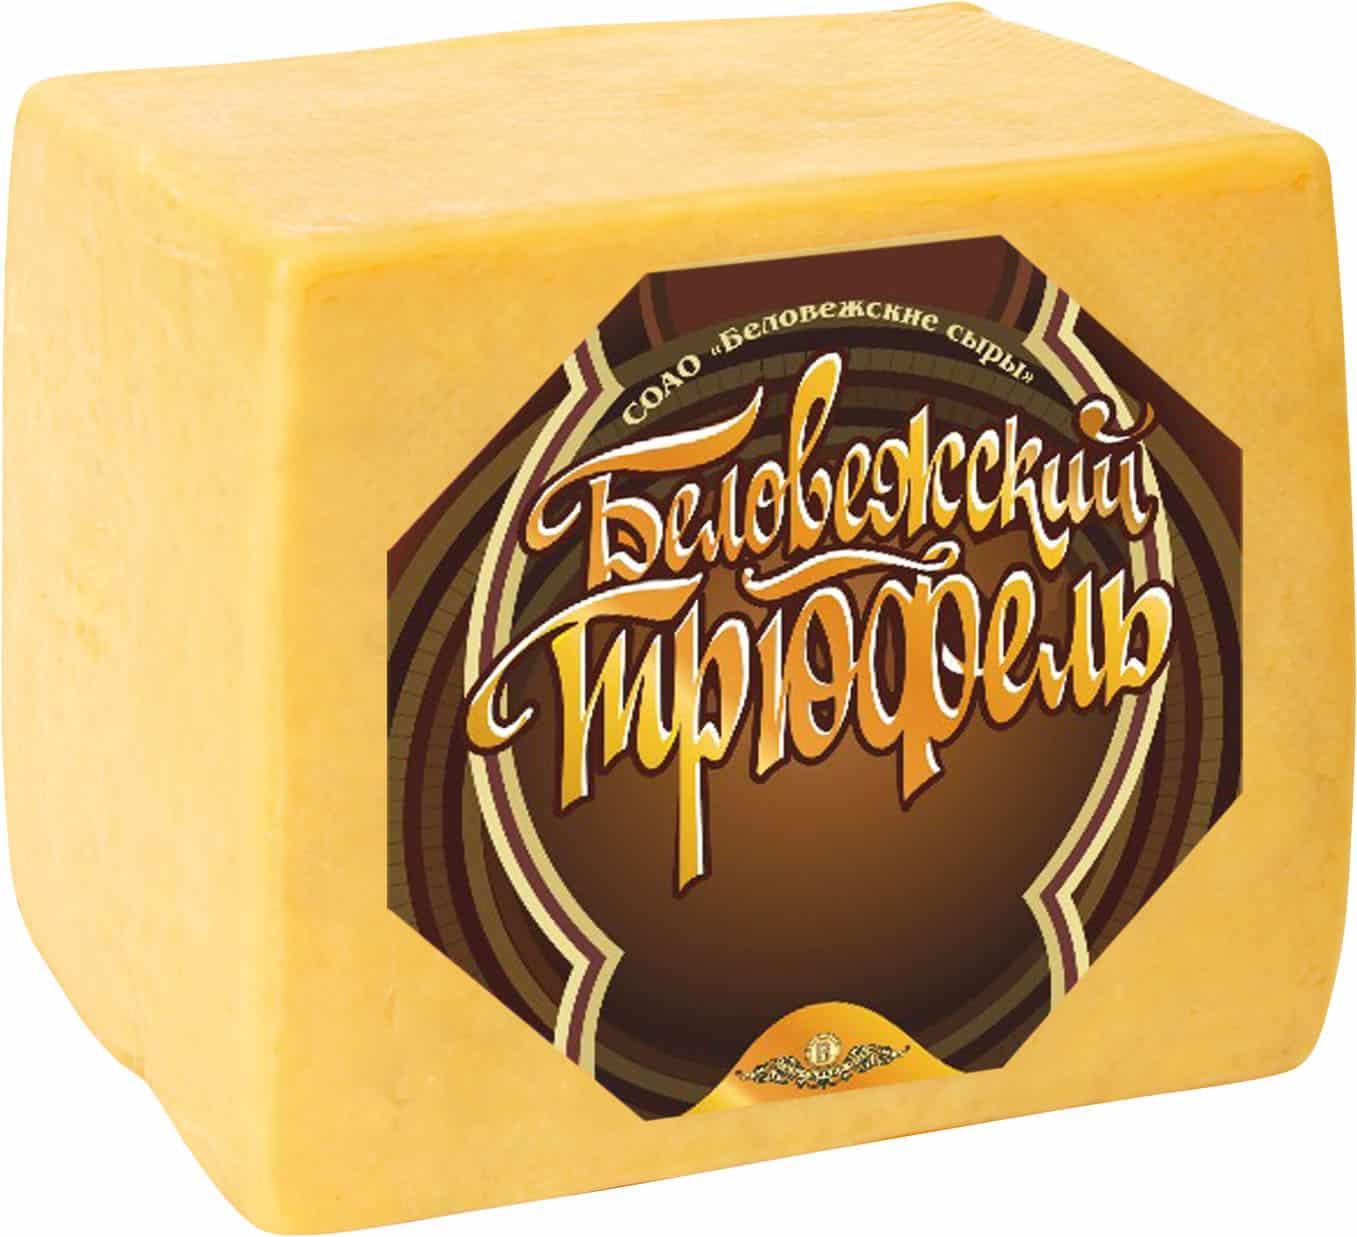 Сыр Беловежский трюфель классический 40%